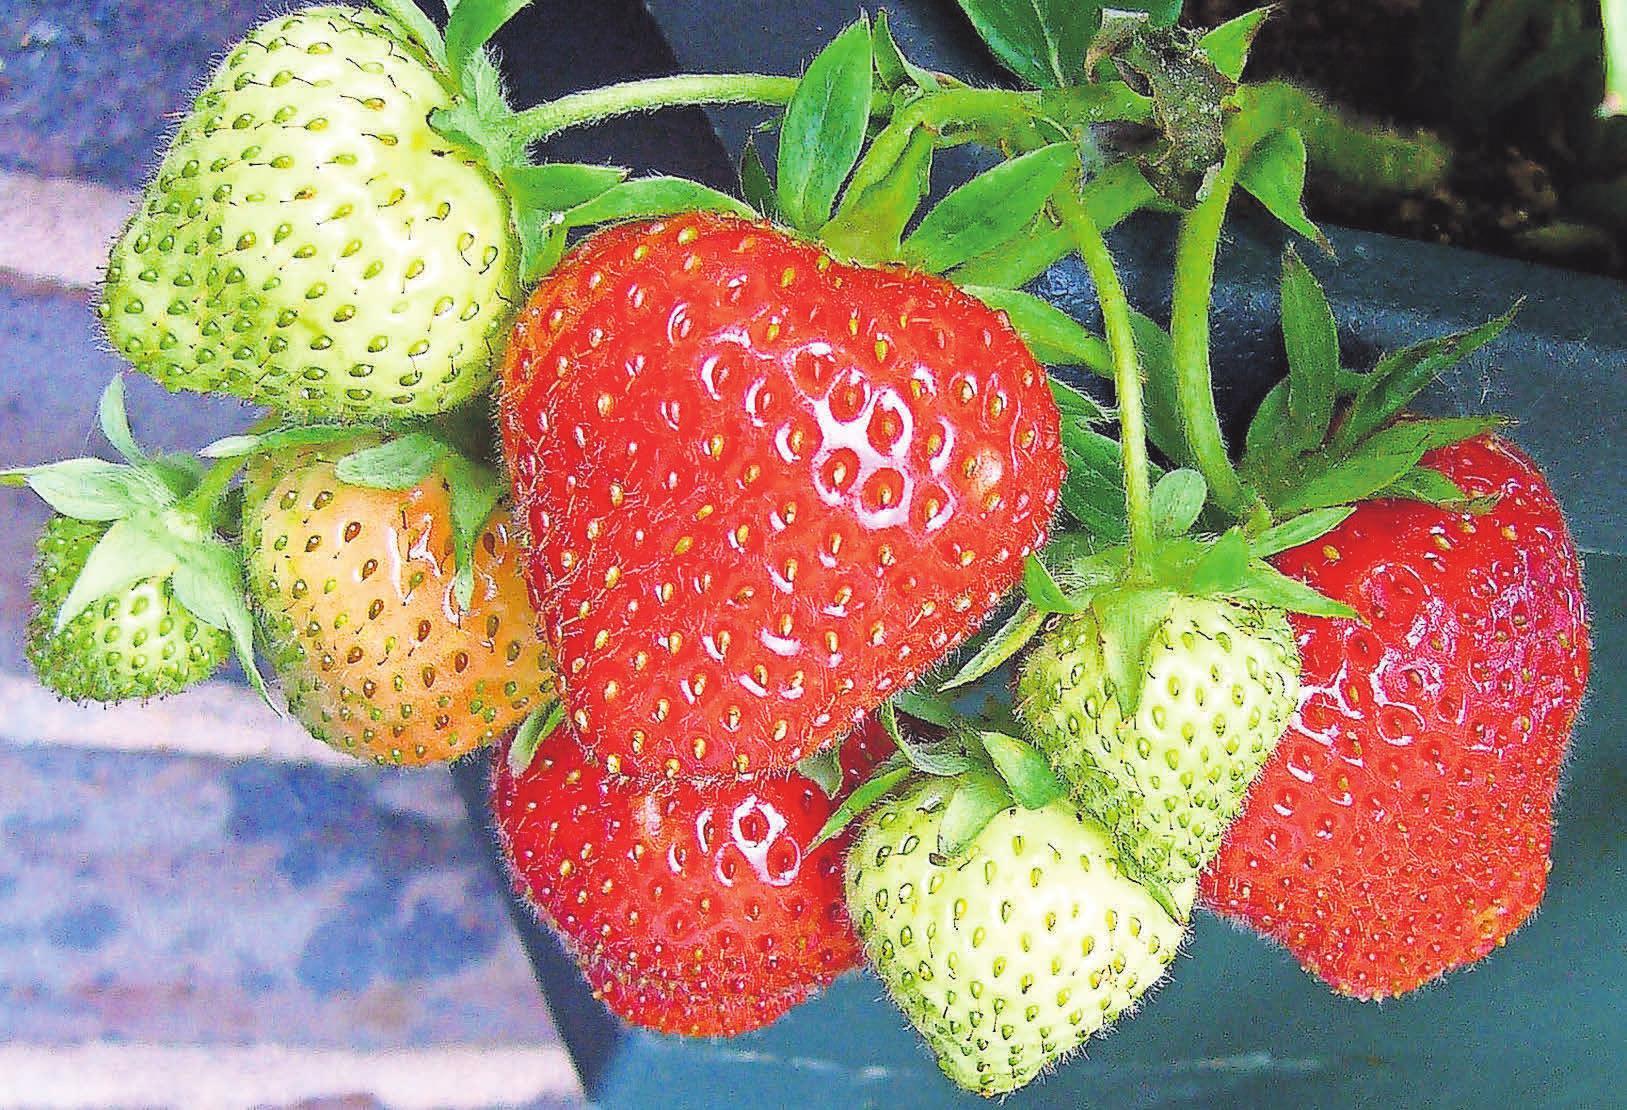 Erdbeeren können problemlos angepflanzt werden. Foto: Pixabay